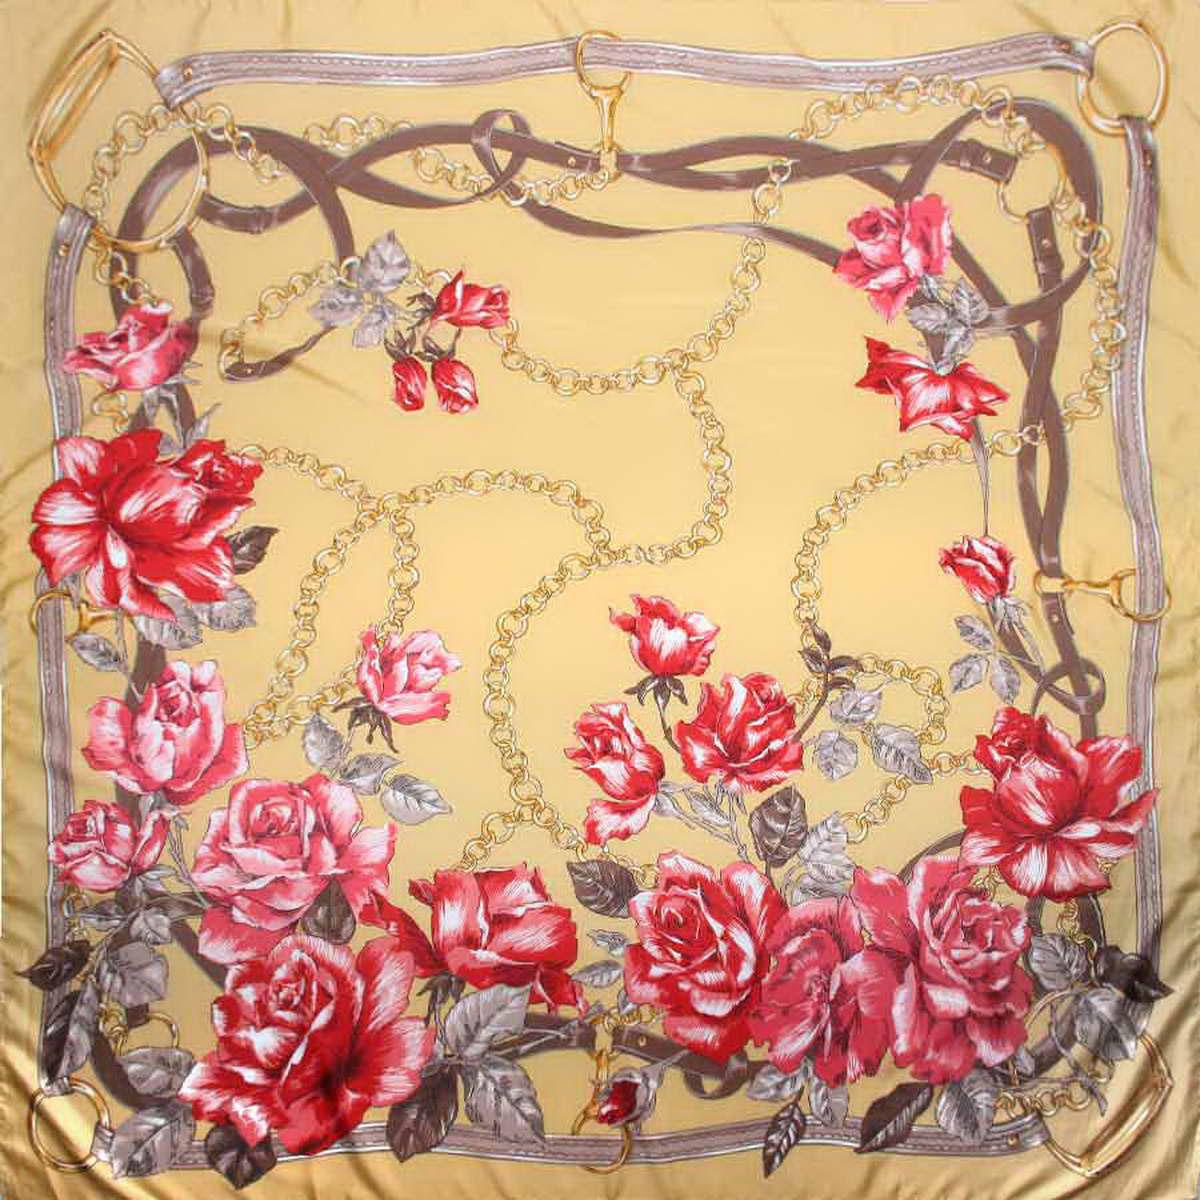 Платок женский Venera, цвет: бежевый, розовый, коричневый. 3904672-20. Размер 120 см х 120 см3904672-20Изысканный и аристократично шикарный женский платок Venera изготовлен из легкого и нежного полиэстера, станет самым популярным и неповторимым аксессуаром в этом сезоне. Спокойная и универсальная цветовая гамма, а также рисунок из красивых роз придаст вашему образу женственности, утонченности и деликатности. Классическая квадратная форма позволяет носить платок на шее, украшать им прическу или декорировать сумочку.Платок Venera превосходно дополнит любой наряд и подчеркнет ваш неповторимый вкус и элегантность.